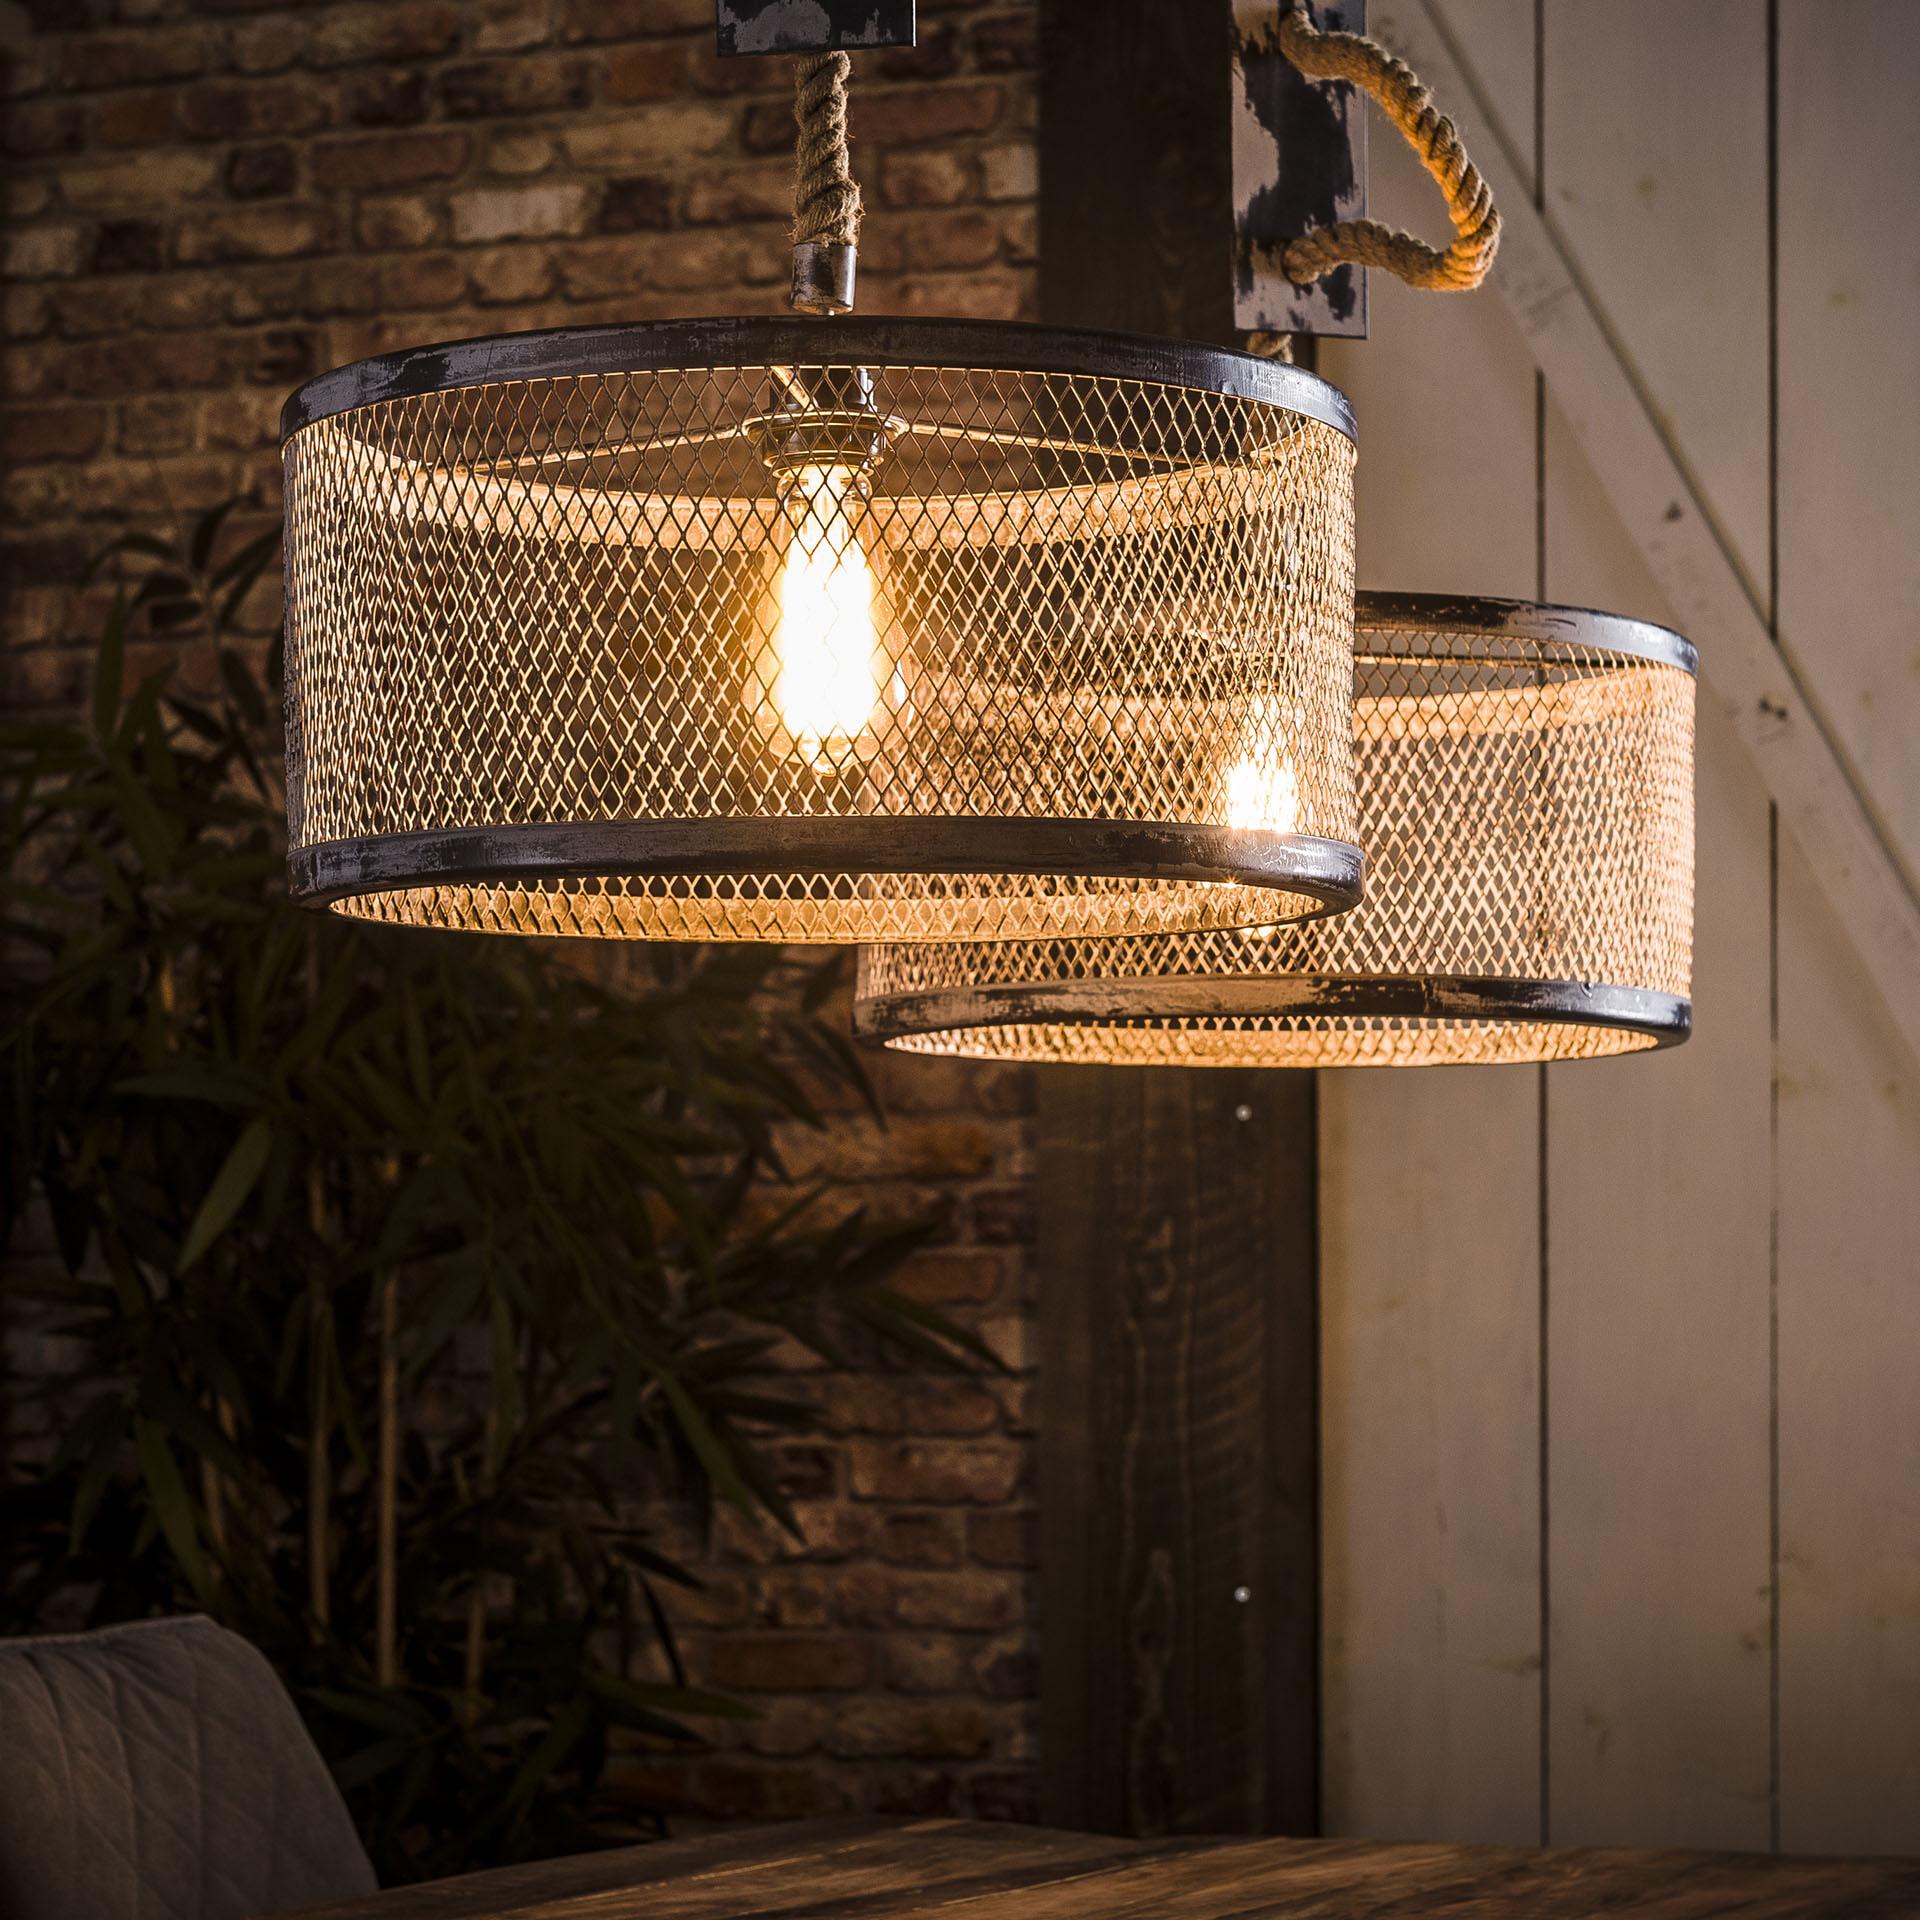 Industriële Dubbele Hanglamp 'Judi' met gaas en touw, 2 x 40cm Verlichting | Hanglampen vergelijken doe je het voordeligst hier bij Meubelpartner